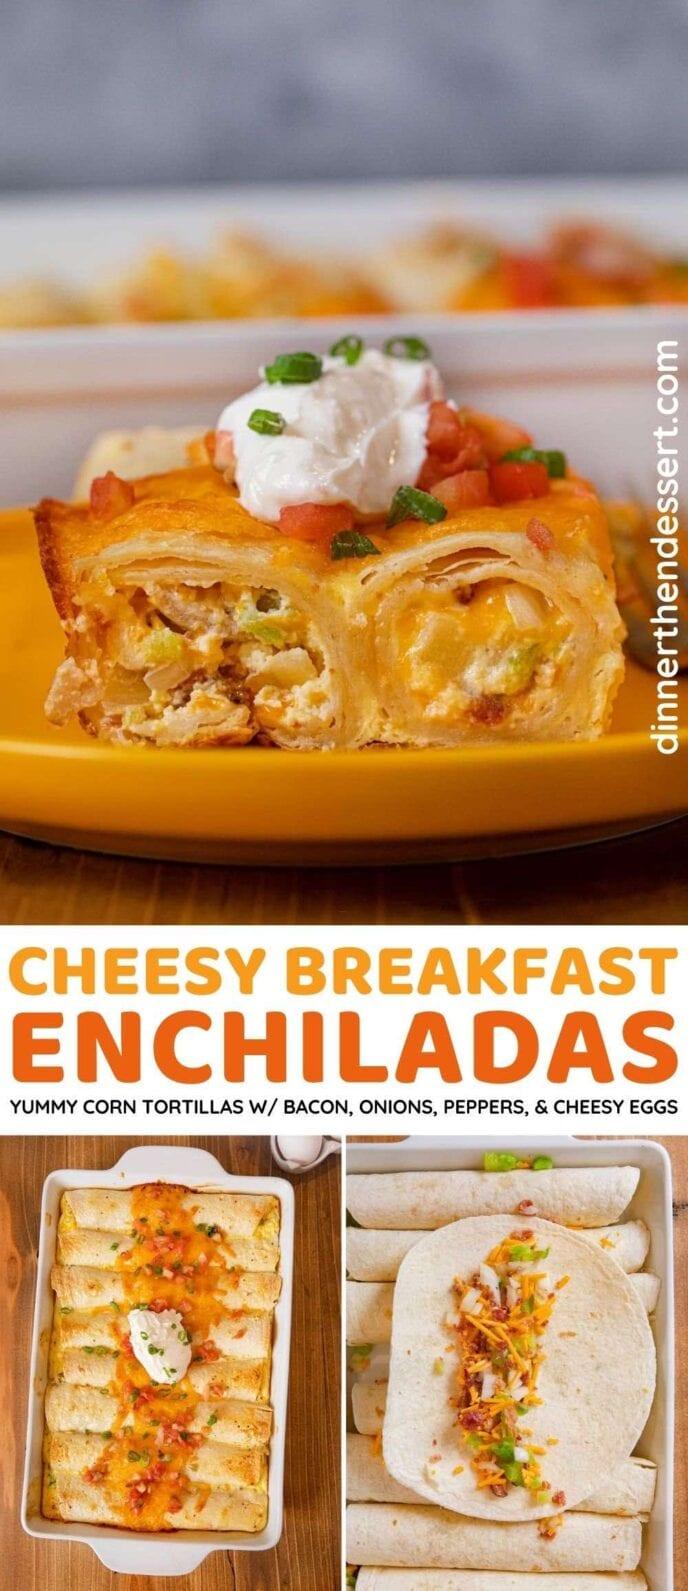 Breakfast Enchiladas collage